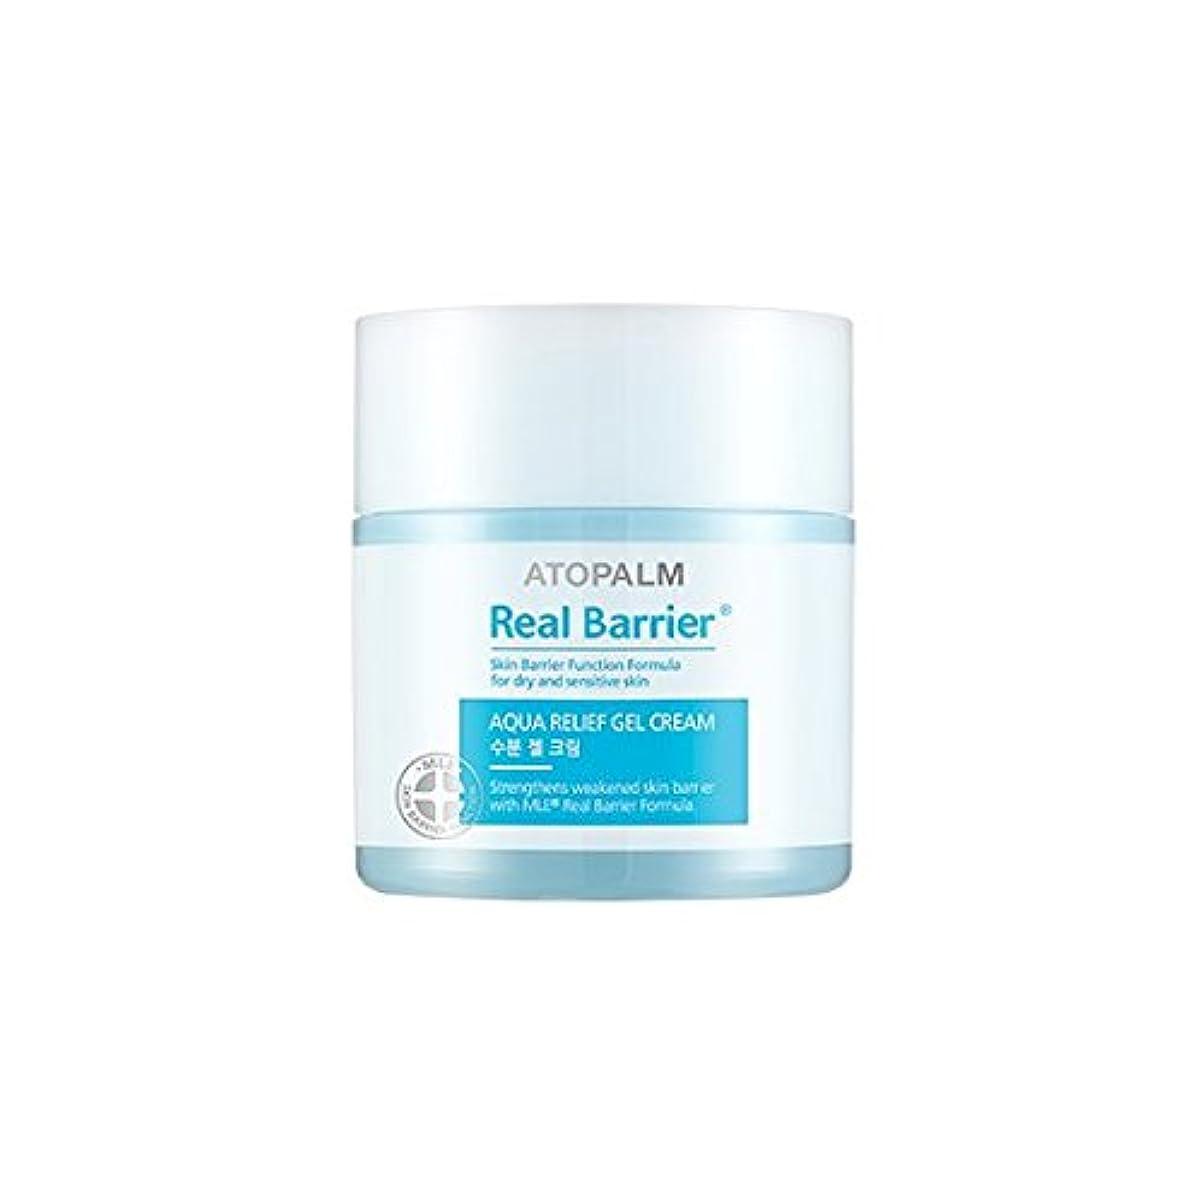 無し不毛の厳ATOPALM Real Barrier Aqua Relief Gel Cream 50ml/アトパーム リアル バリア アクア リリーフ ジェル クリーム 50ml [並行輸入品]